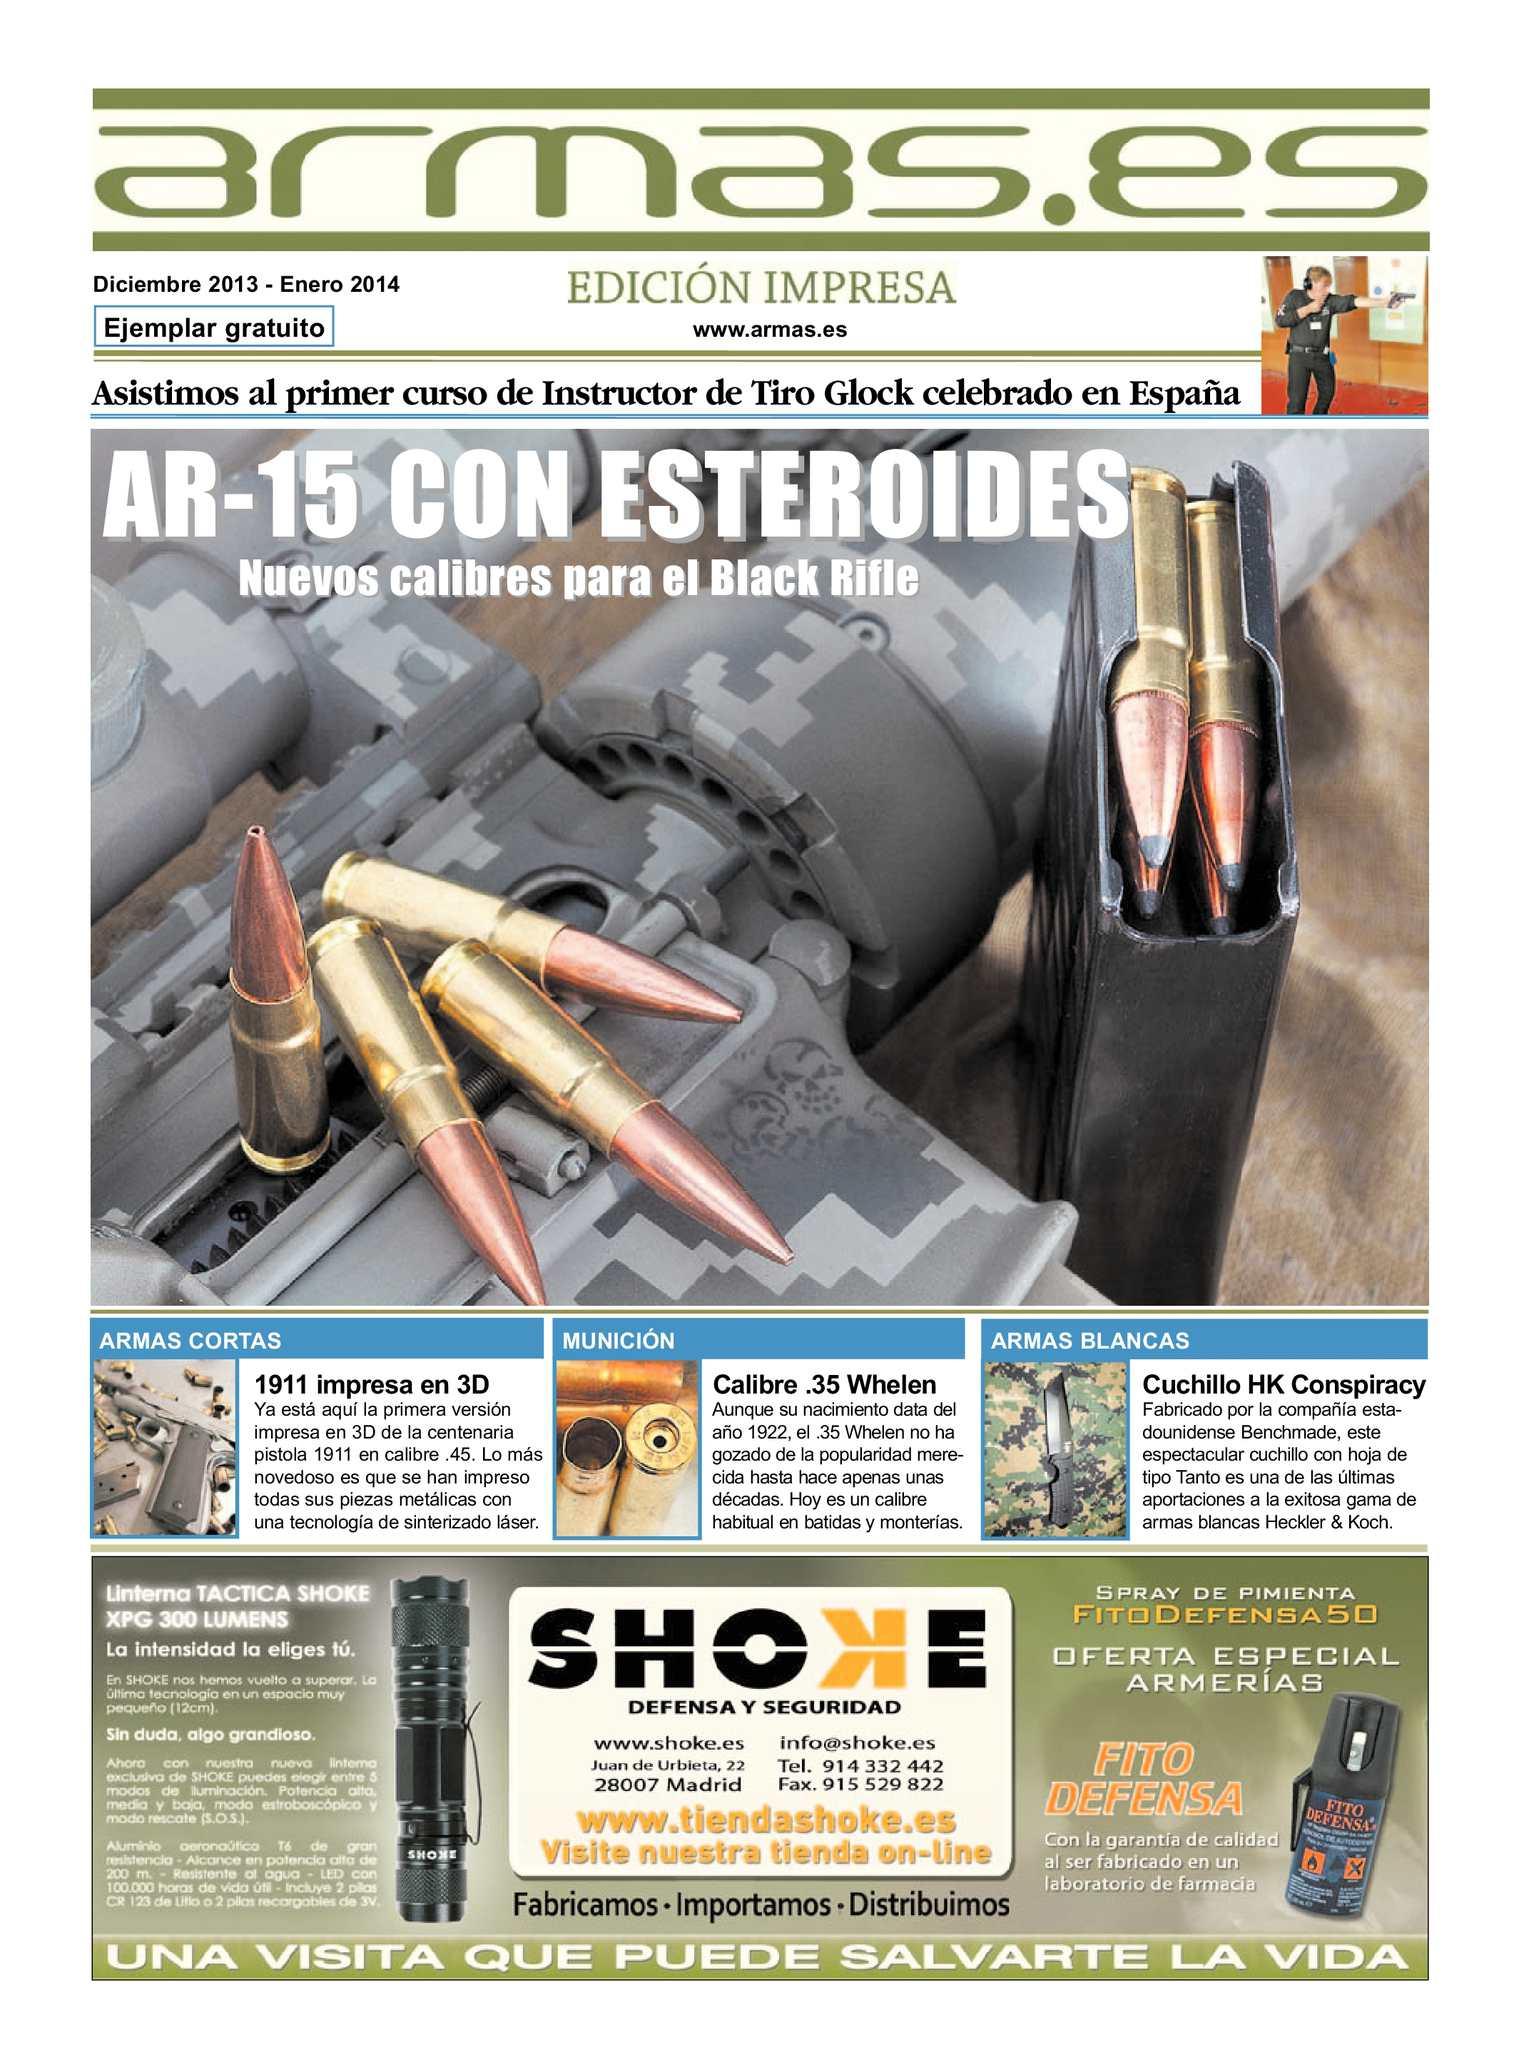 Calaméo - Periódico Armas.es nº 51